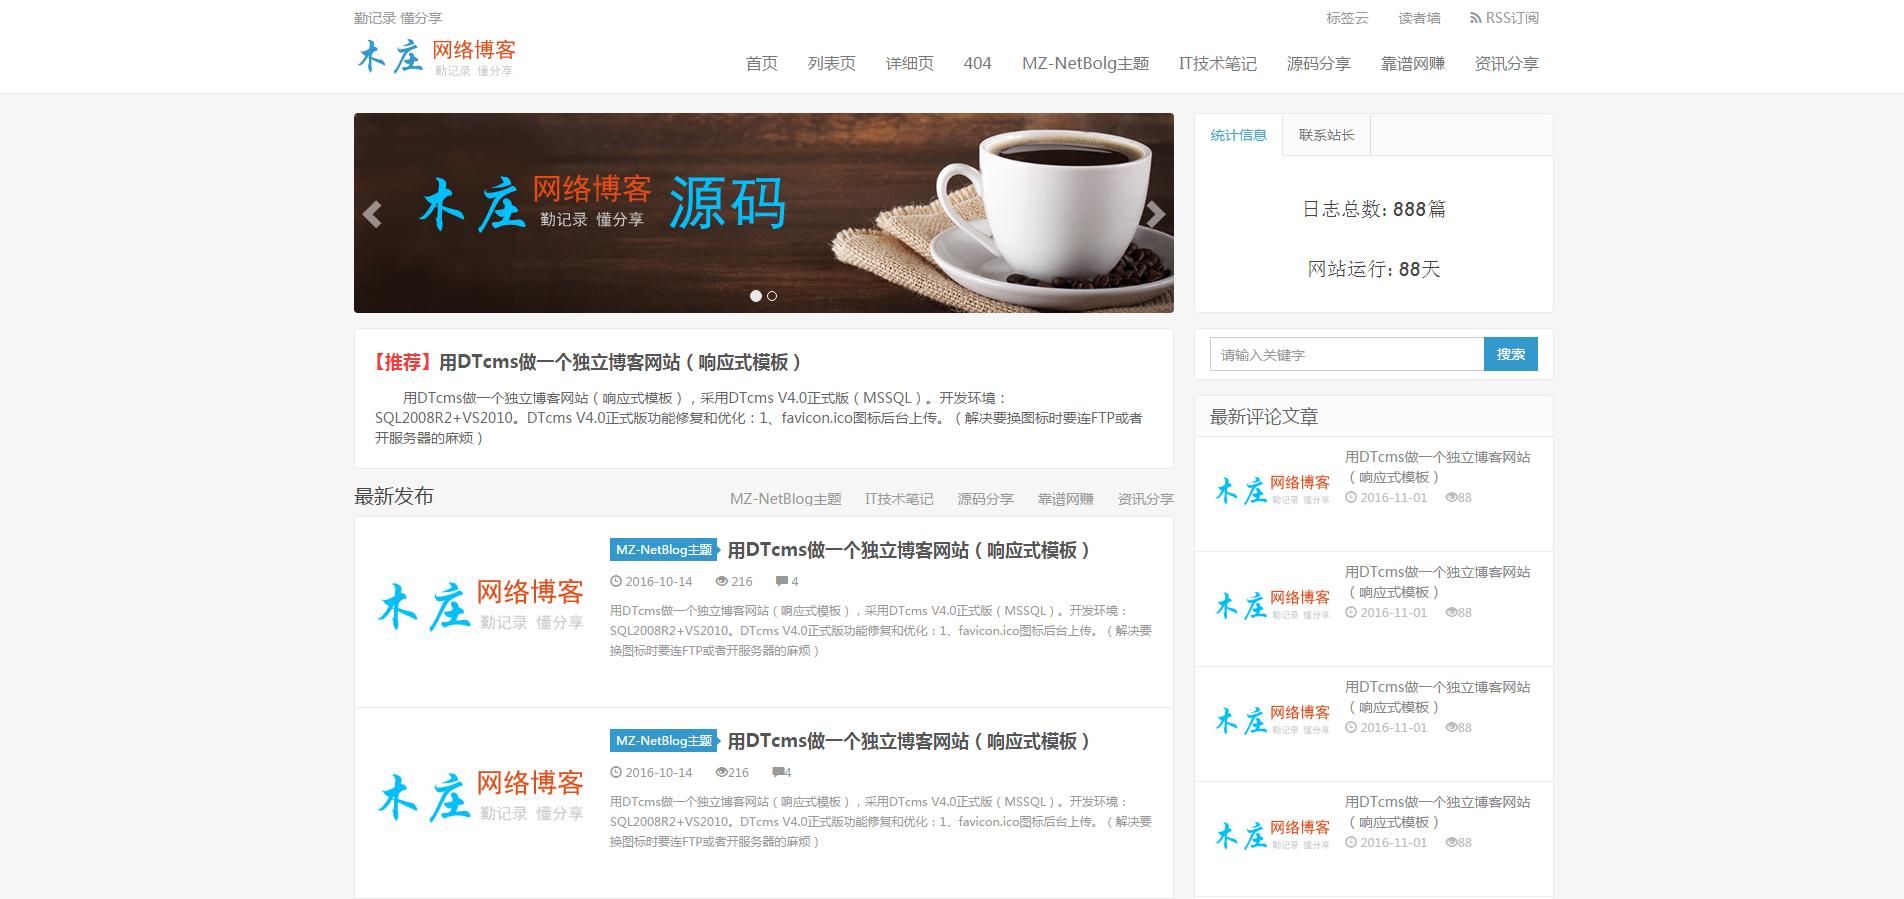 响应式个人网络博客网站模板全套下载